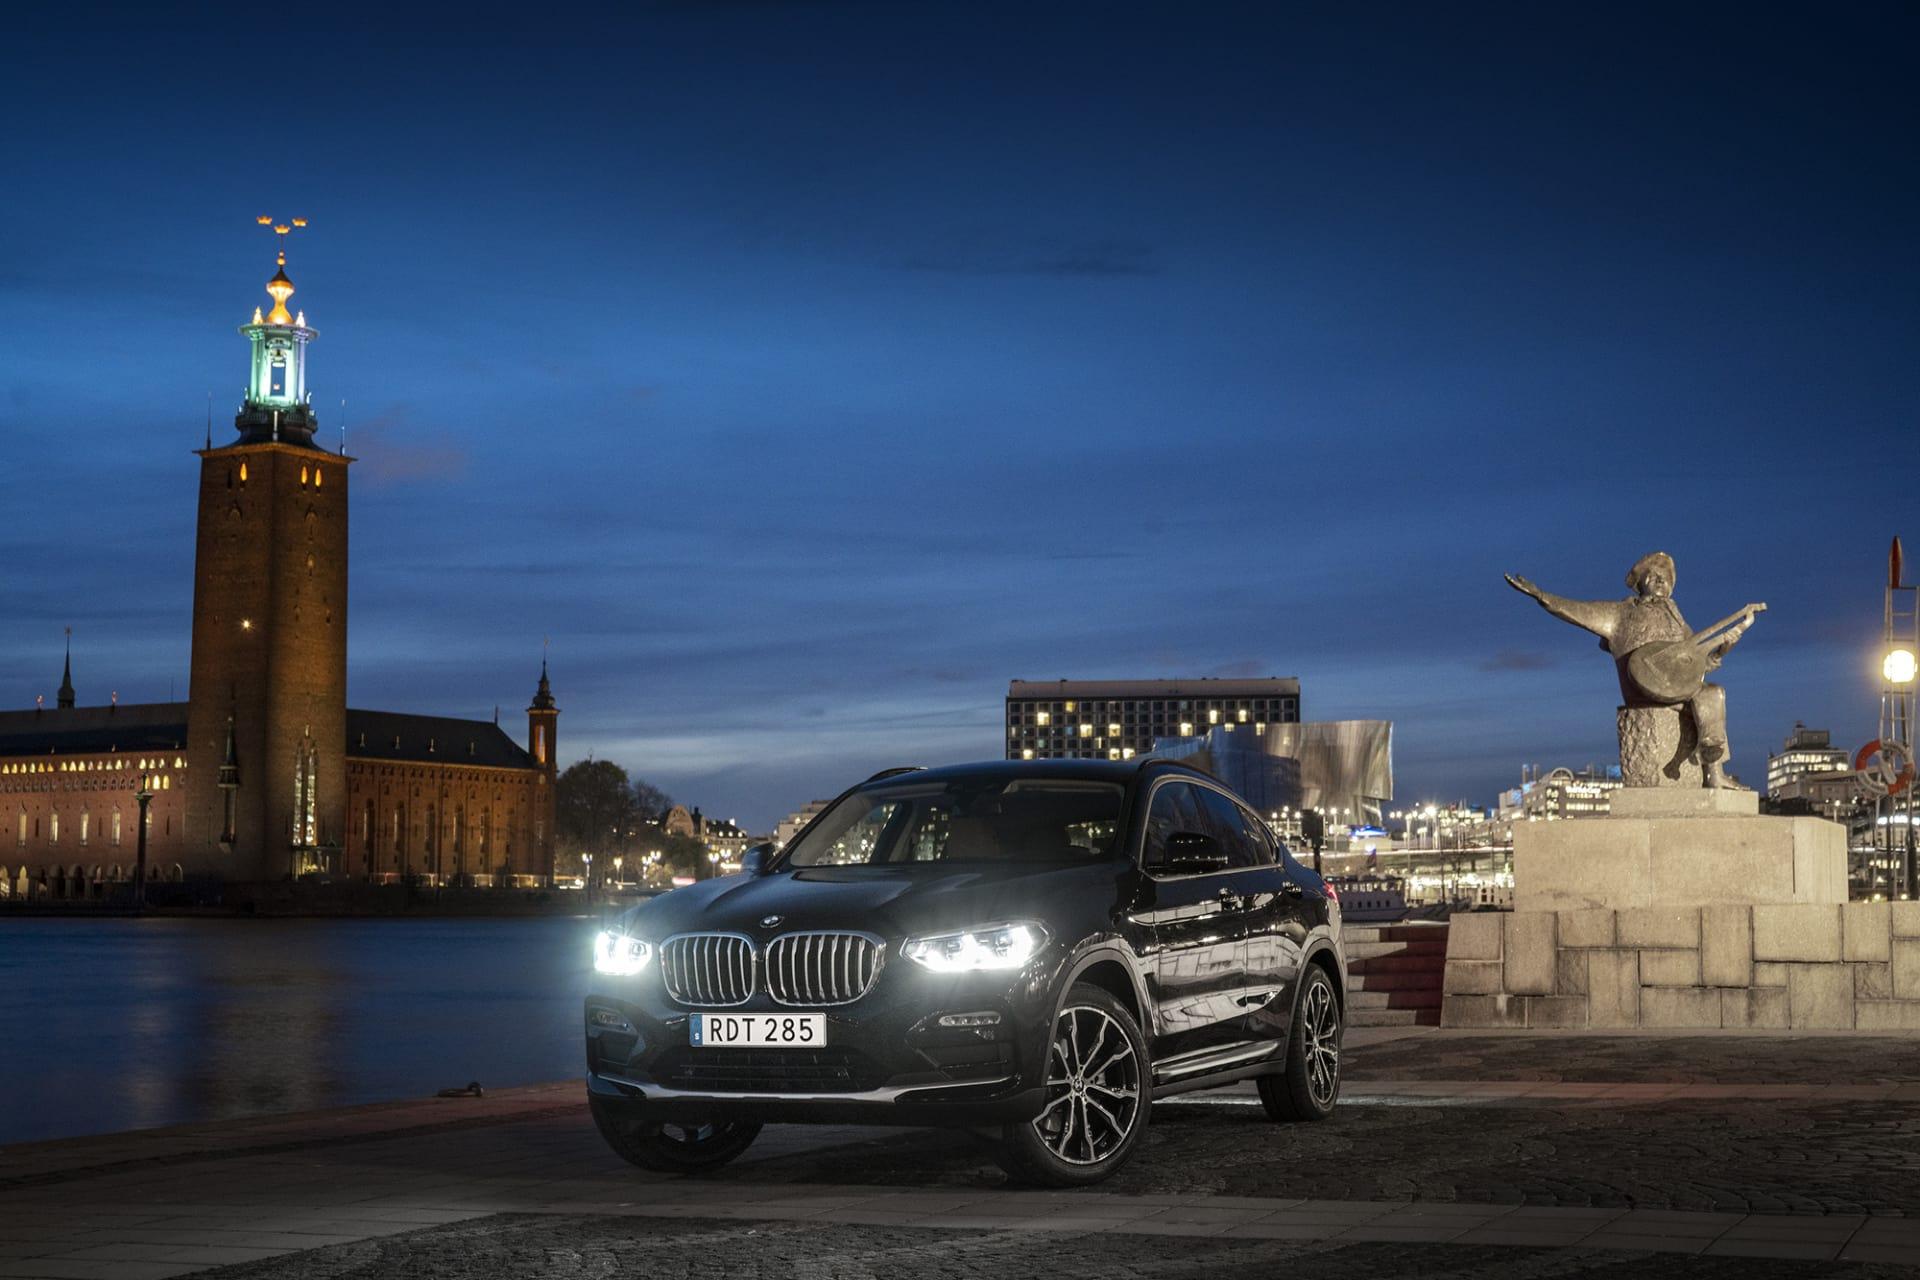 Nya BMW X4 är en mycket trevlig bil med mer teknik än de flesta kommer behöva. Hade det bara funnits ett ännu mjukare komfortläge för chassit som gjorde färden lika mjuk som utsidans former hade bilen fått full pott.